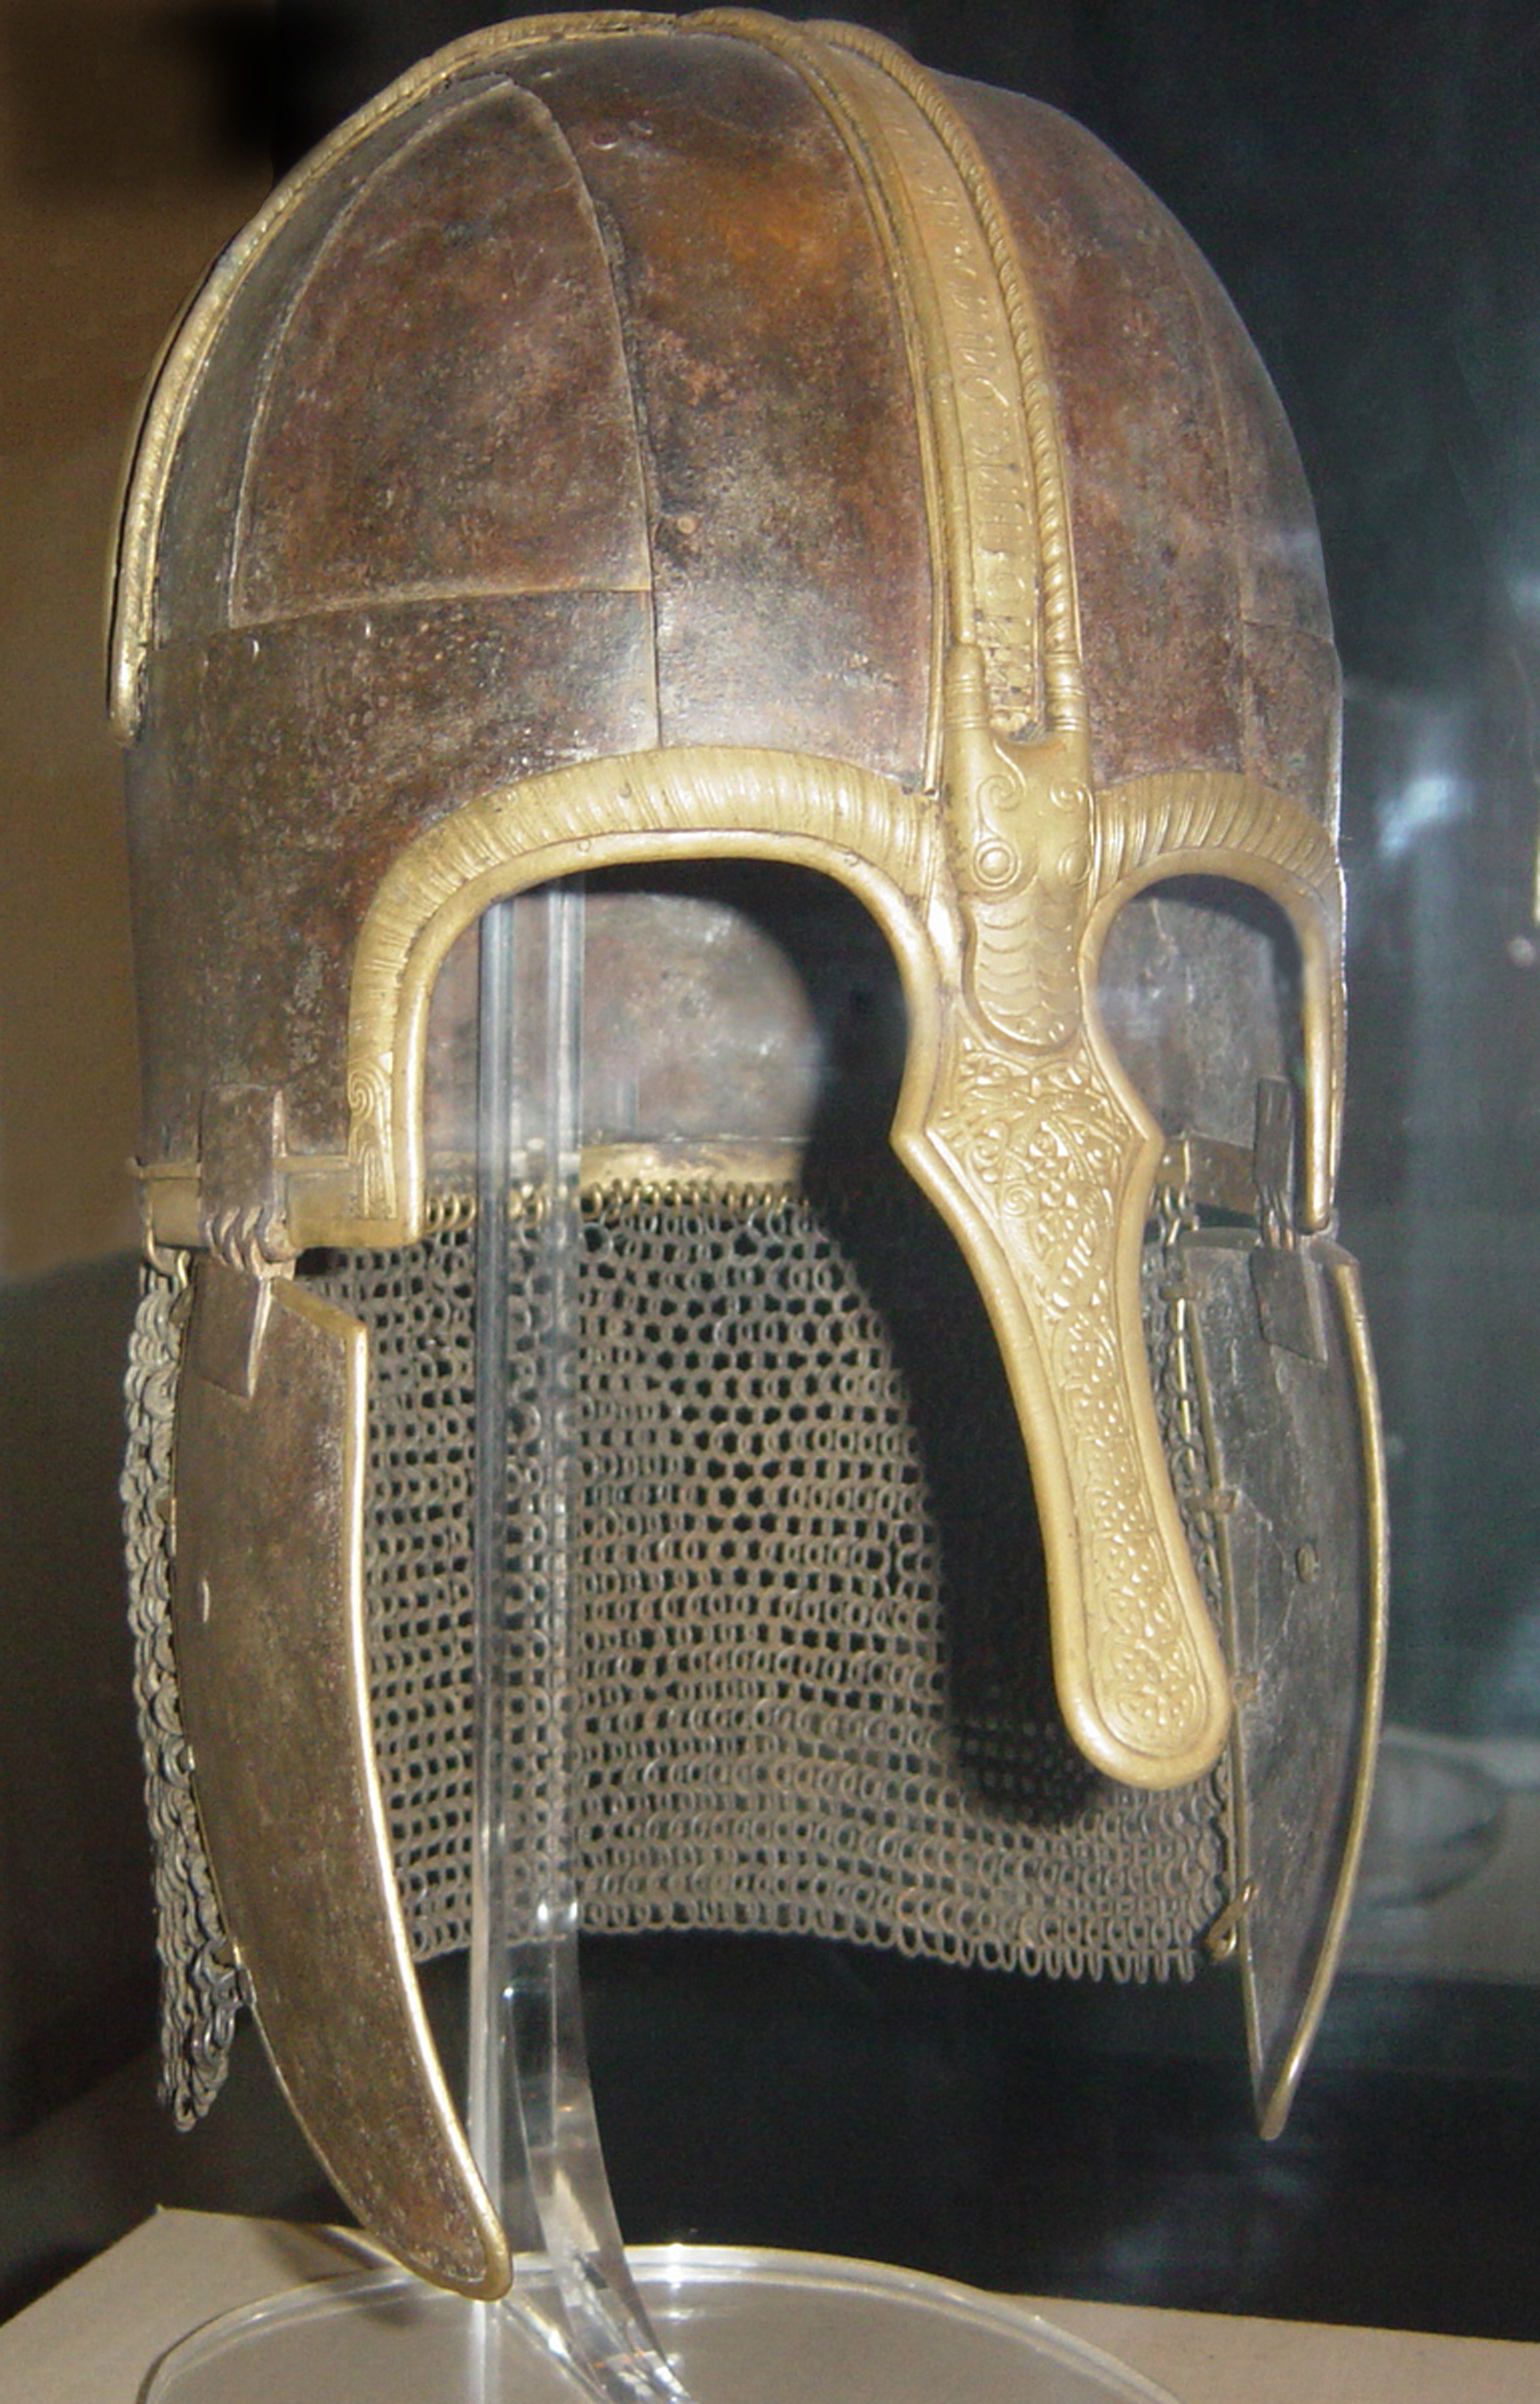 Osheres hjälm är från senare hälften av 700-talet och kan beskådas på Yorkshire Castle Museum.